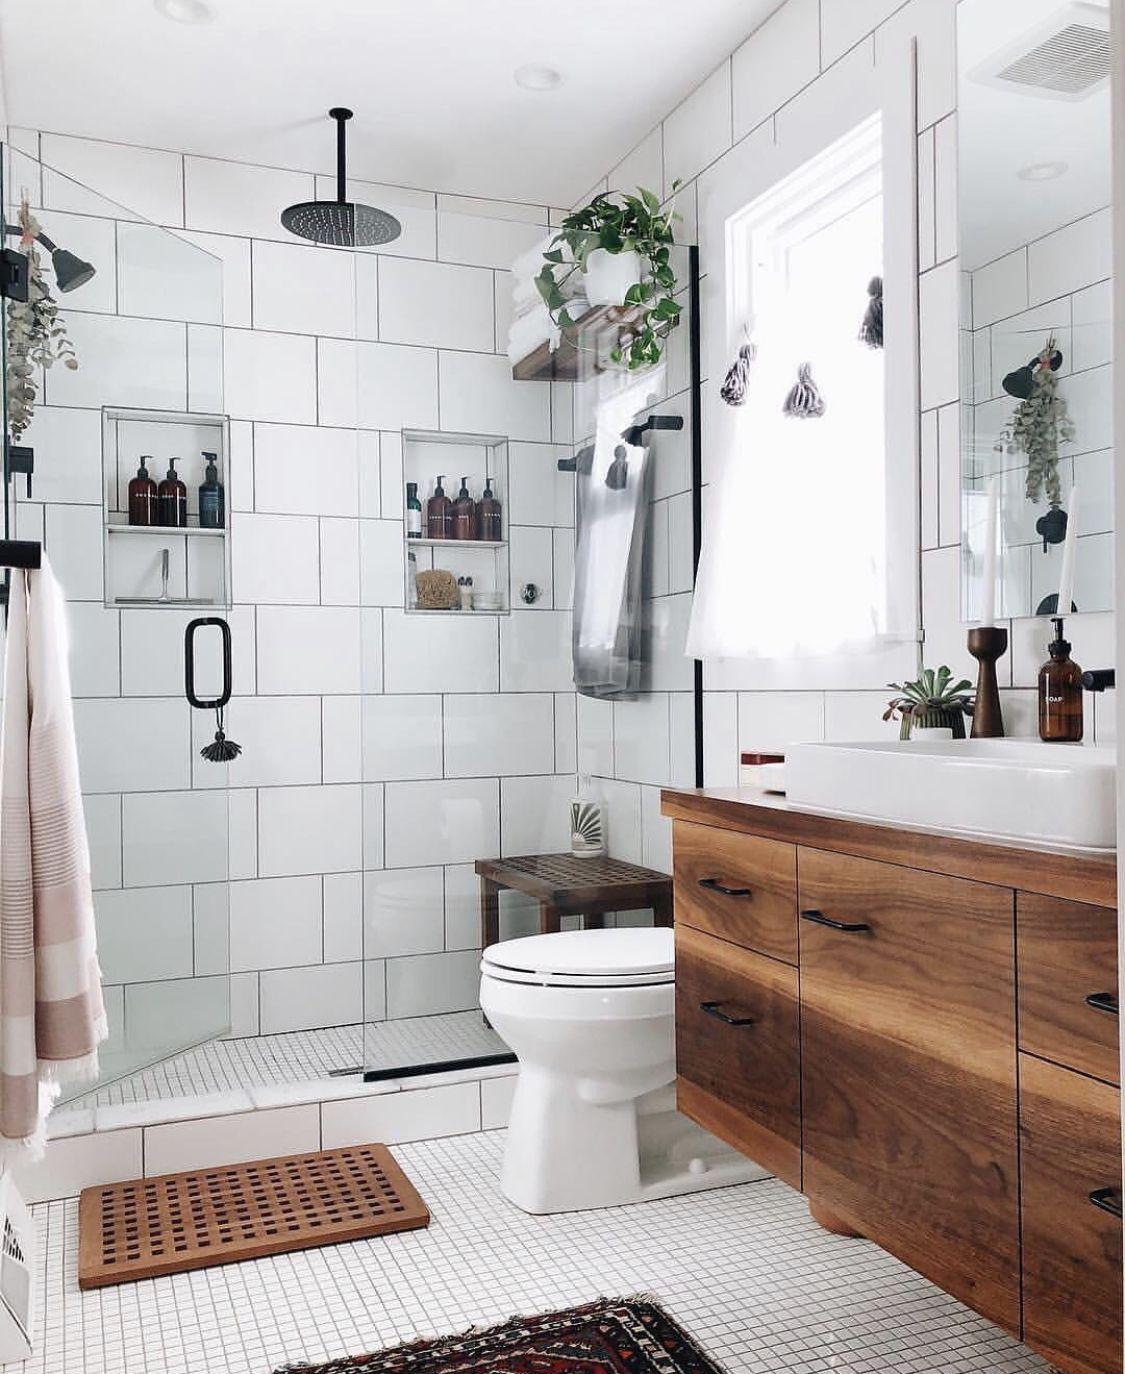 Bathroom decor south africa